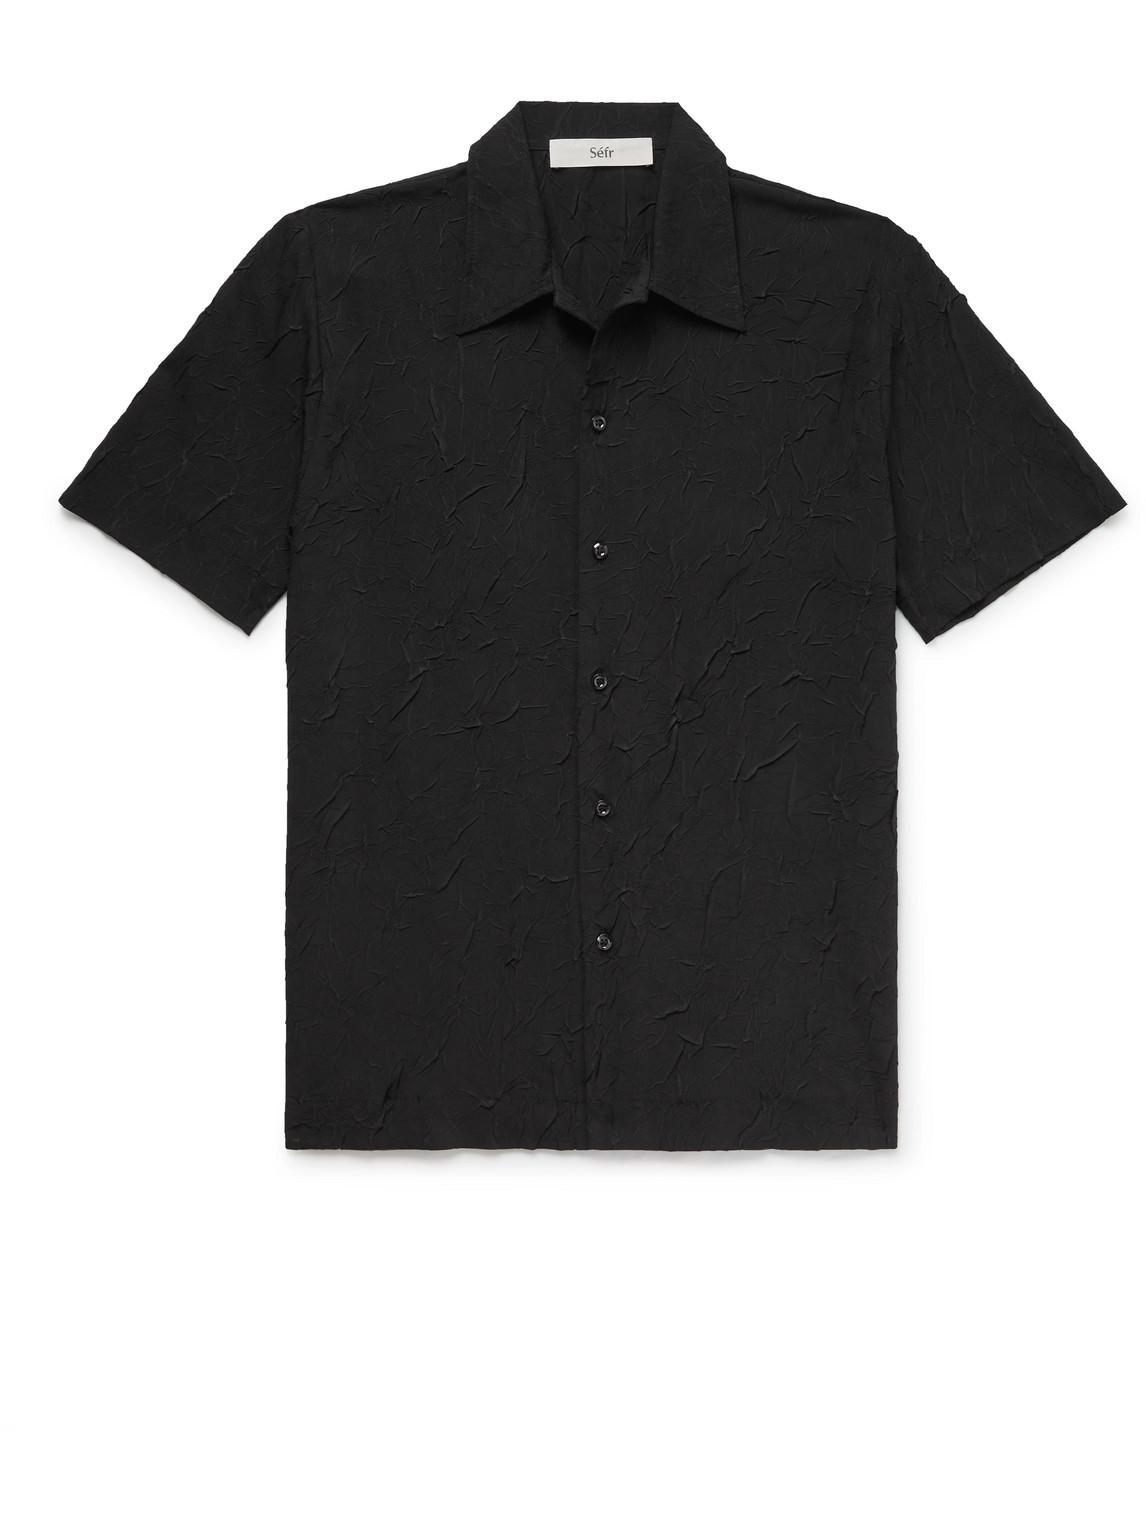 Séfr Shirts SUNEHAM EMBROIDERED COTTON-BLEND SHIRT